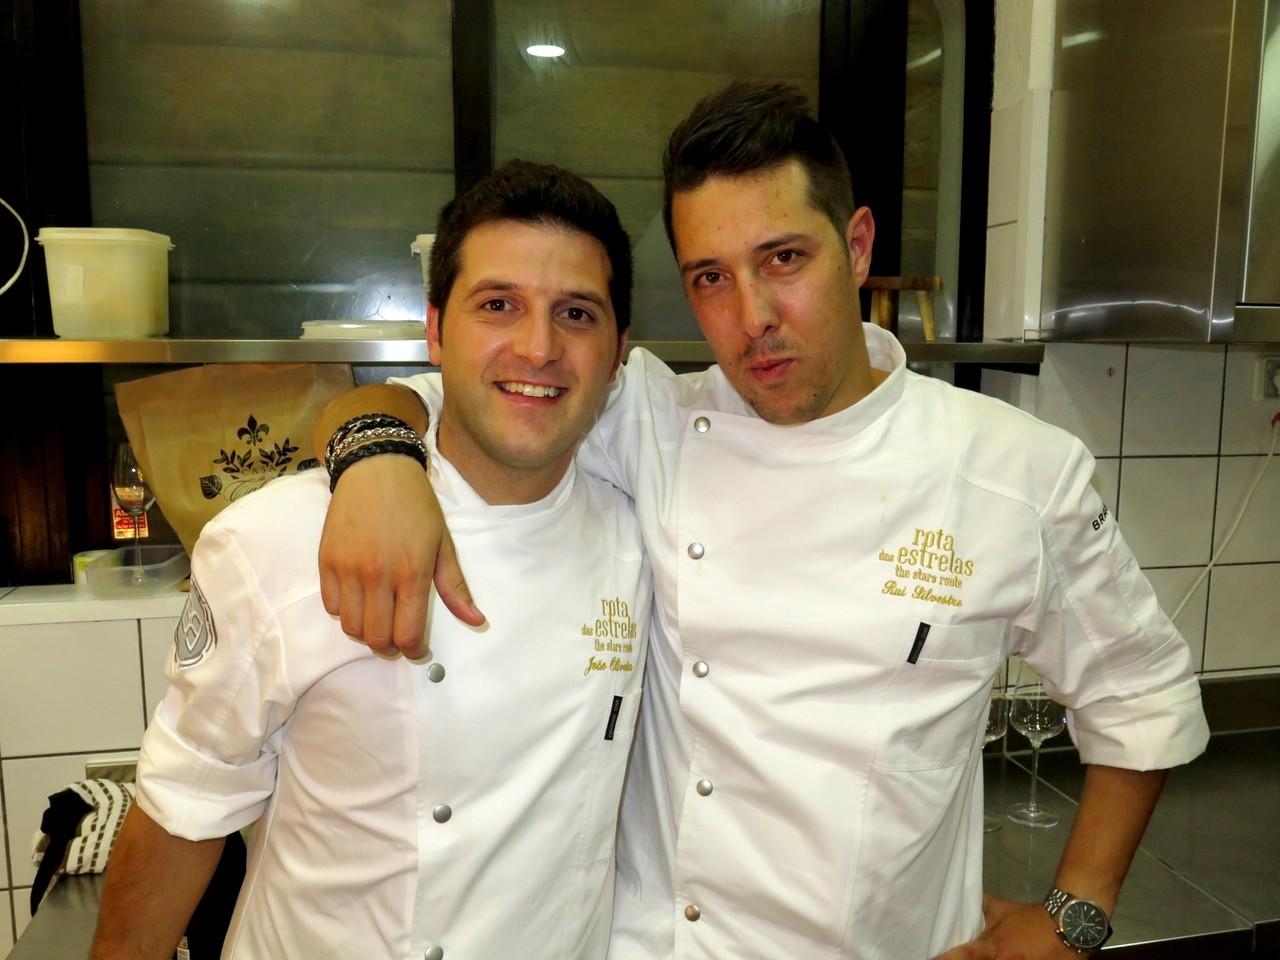 Na cozinha do BON BON, João Oliveira e Rui Silvestre